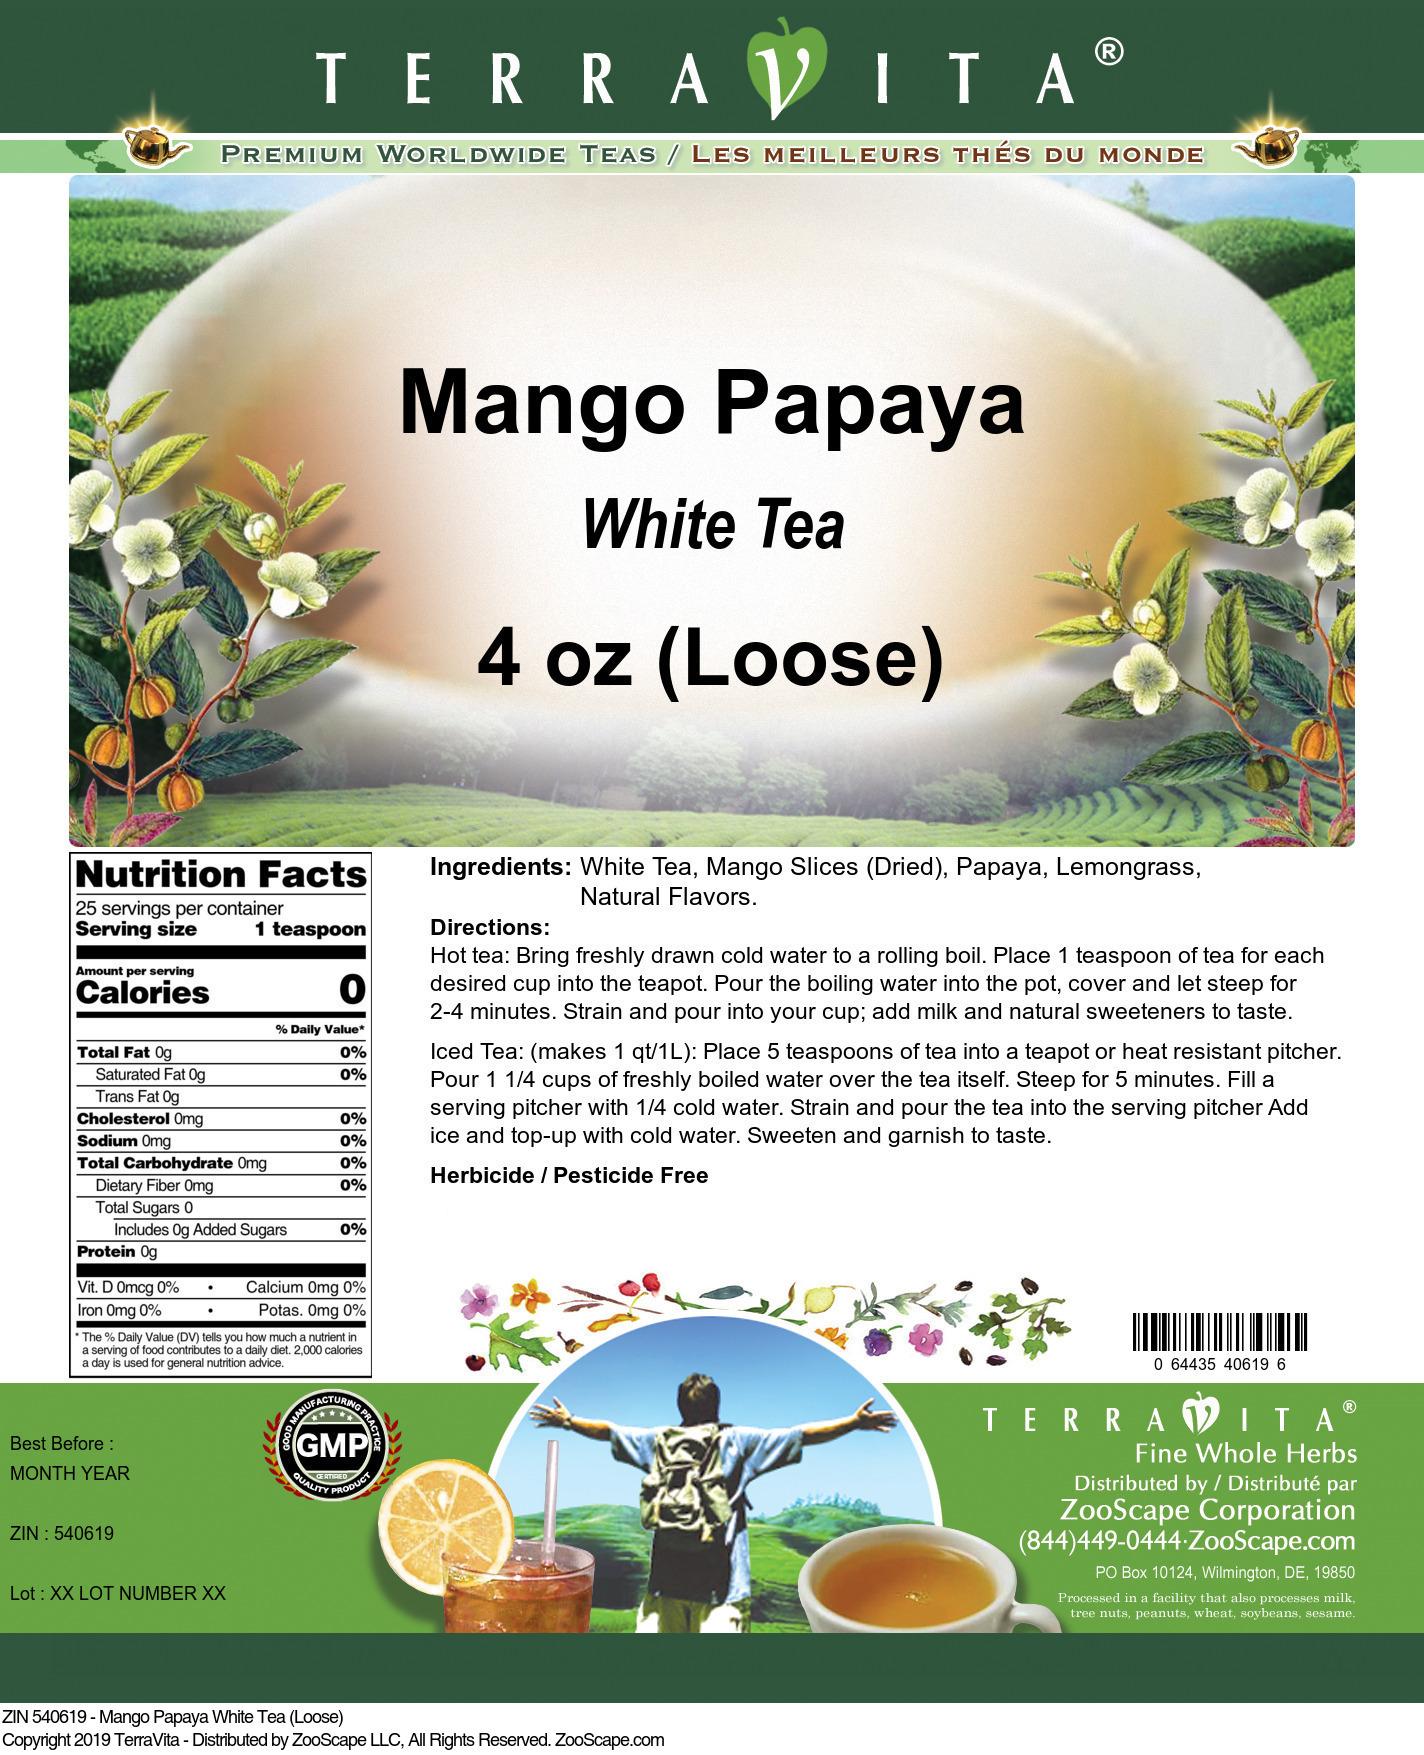 Mango Papaya White Tea (Loose)